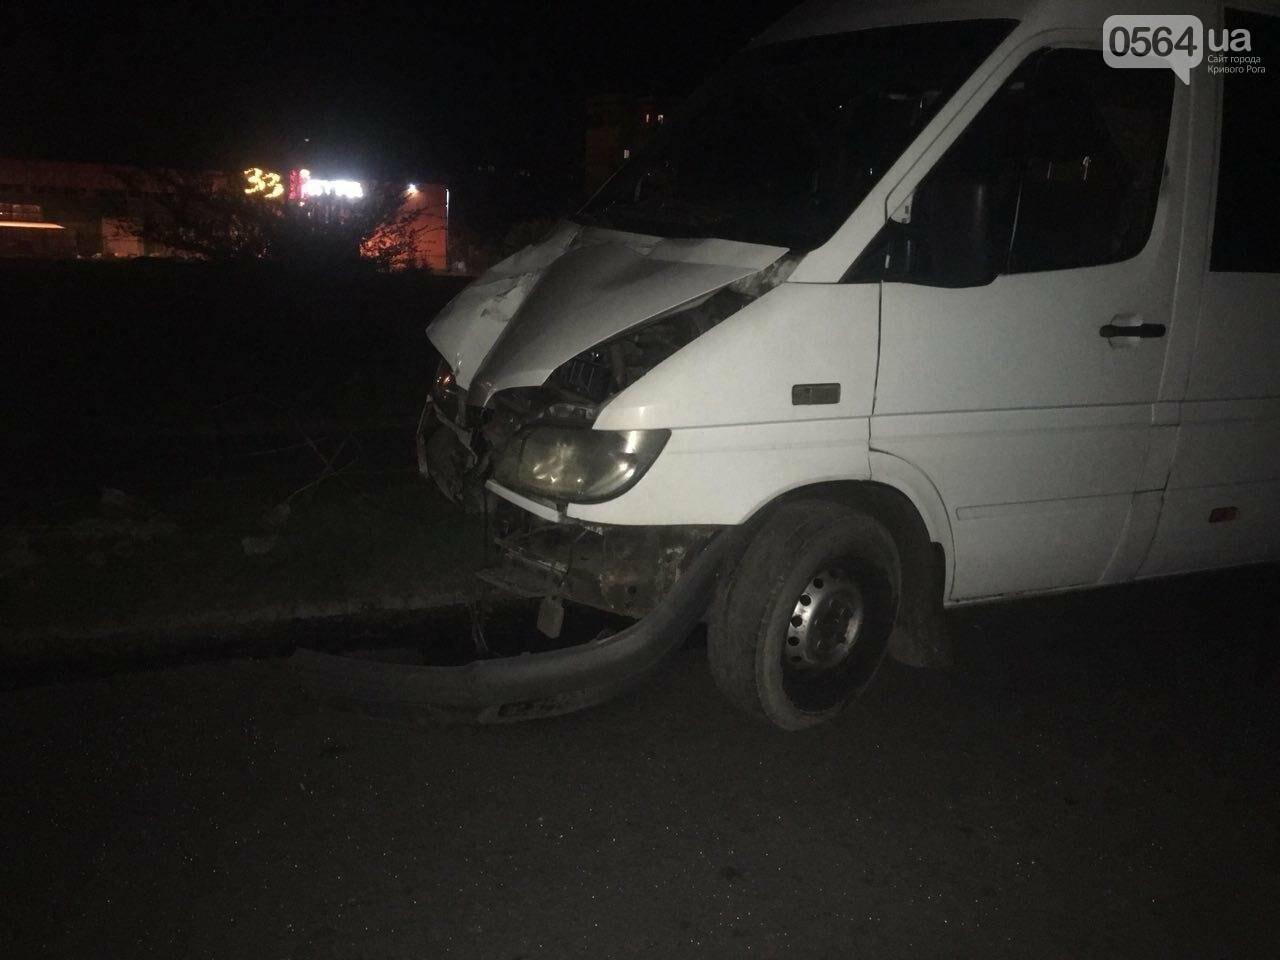 В Кривом Роге микроавтобус снес электроопору: пропал водитель и свет, - ФОТО  , фото-6